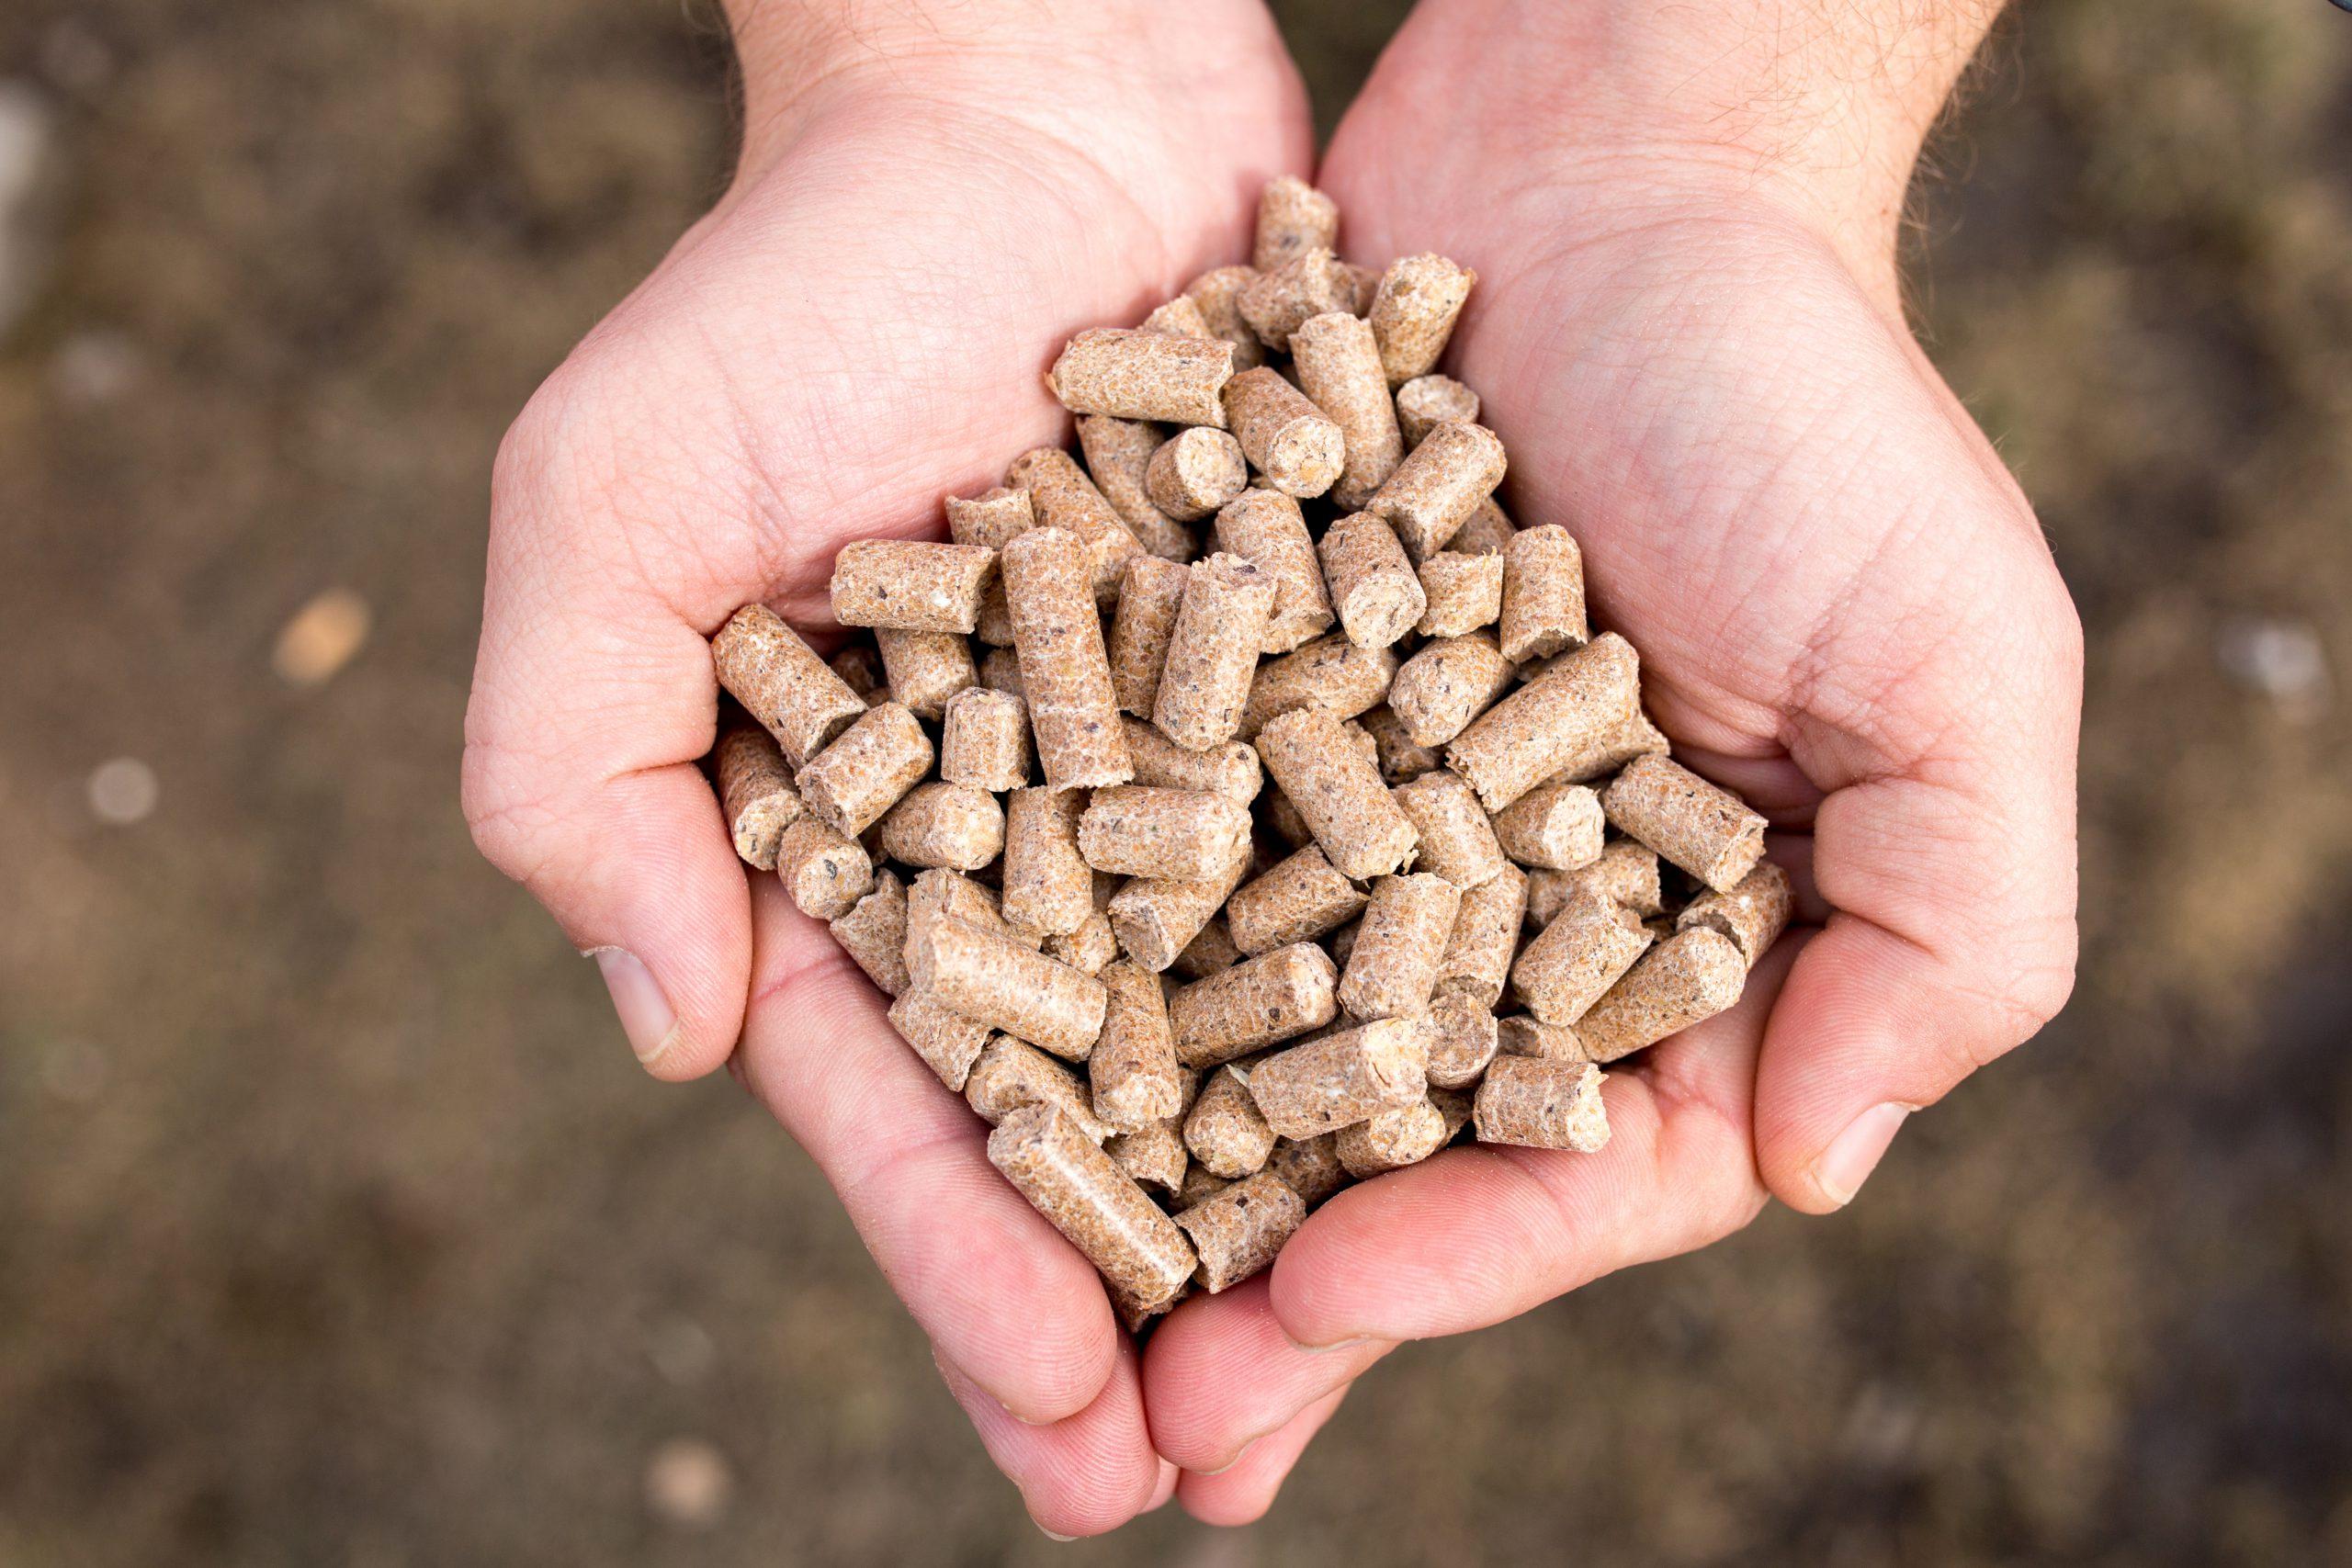 Ngành thức ăn chăn nuôi: Hội nhập để phát triển